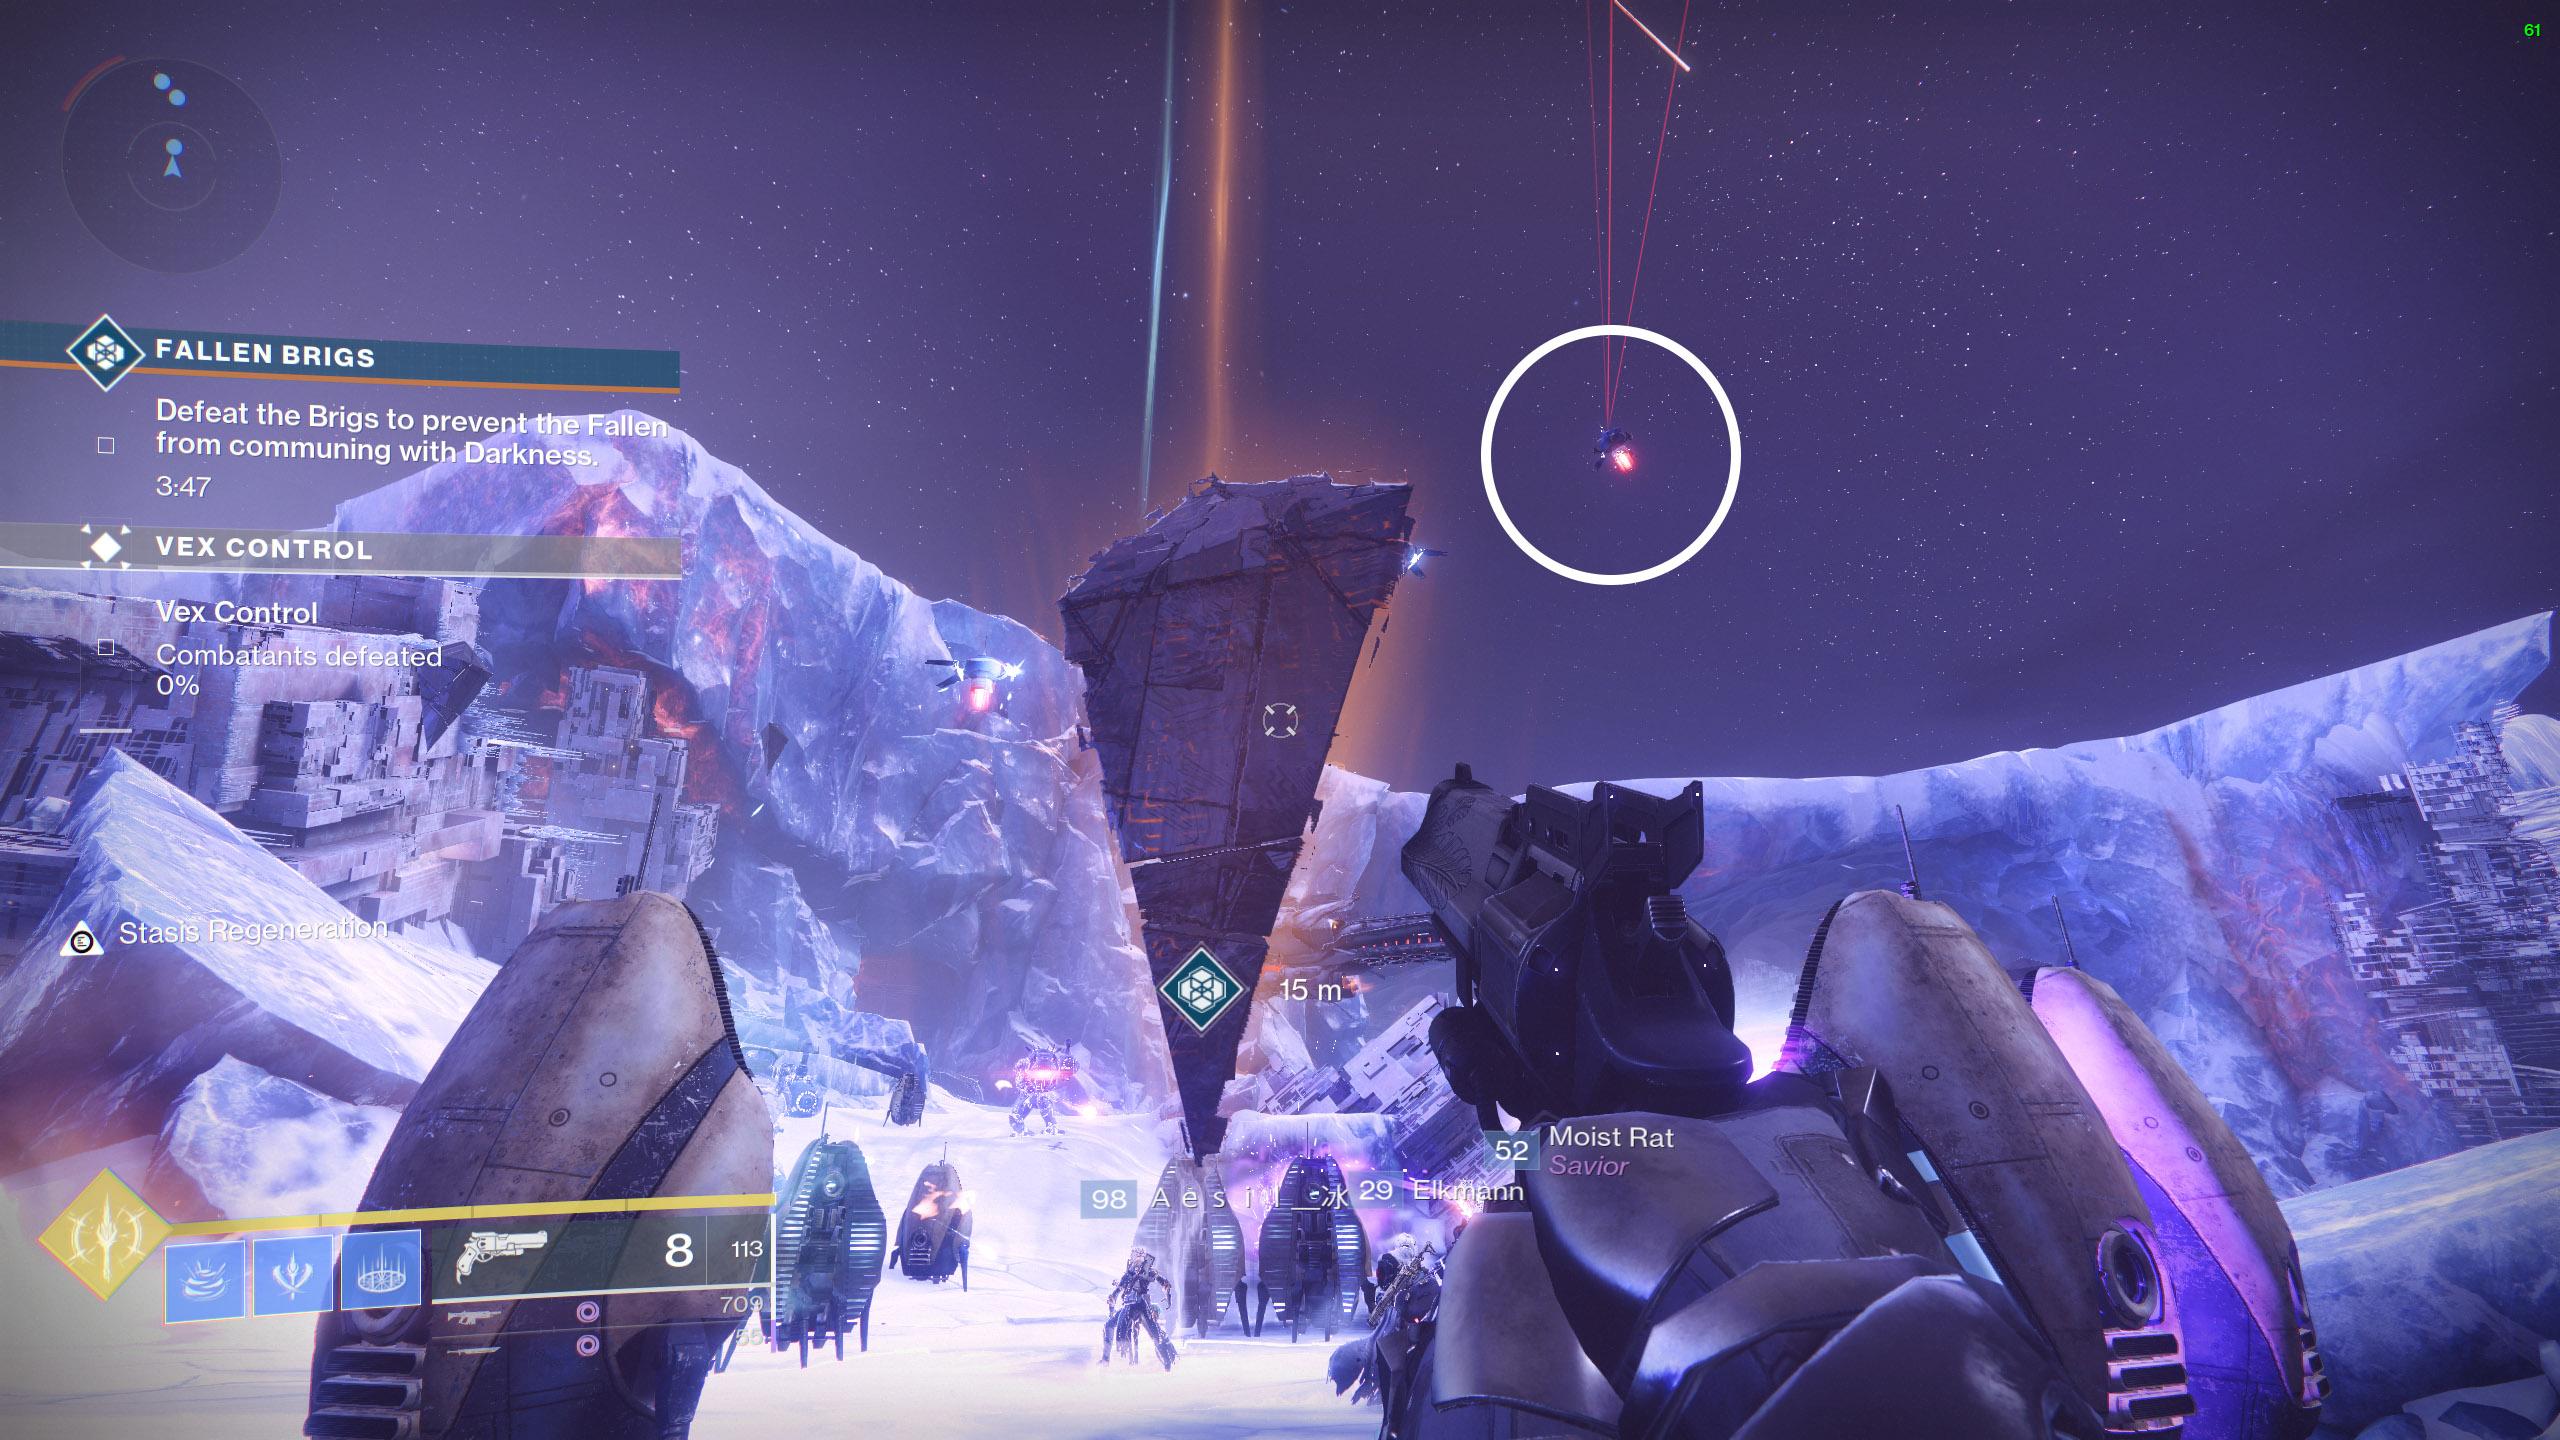 destiny 2 fallen brigs heroic public event